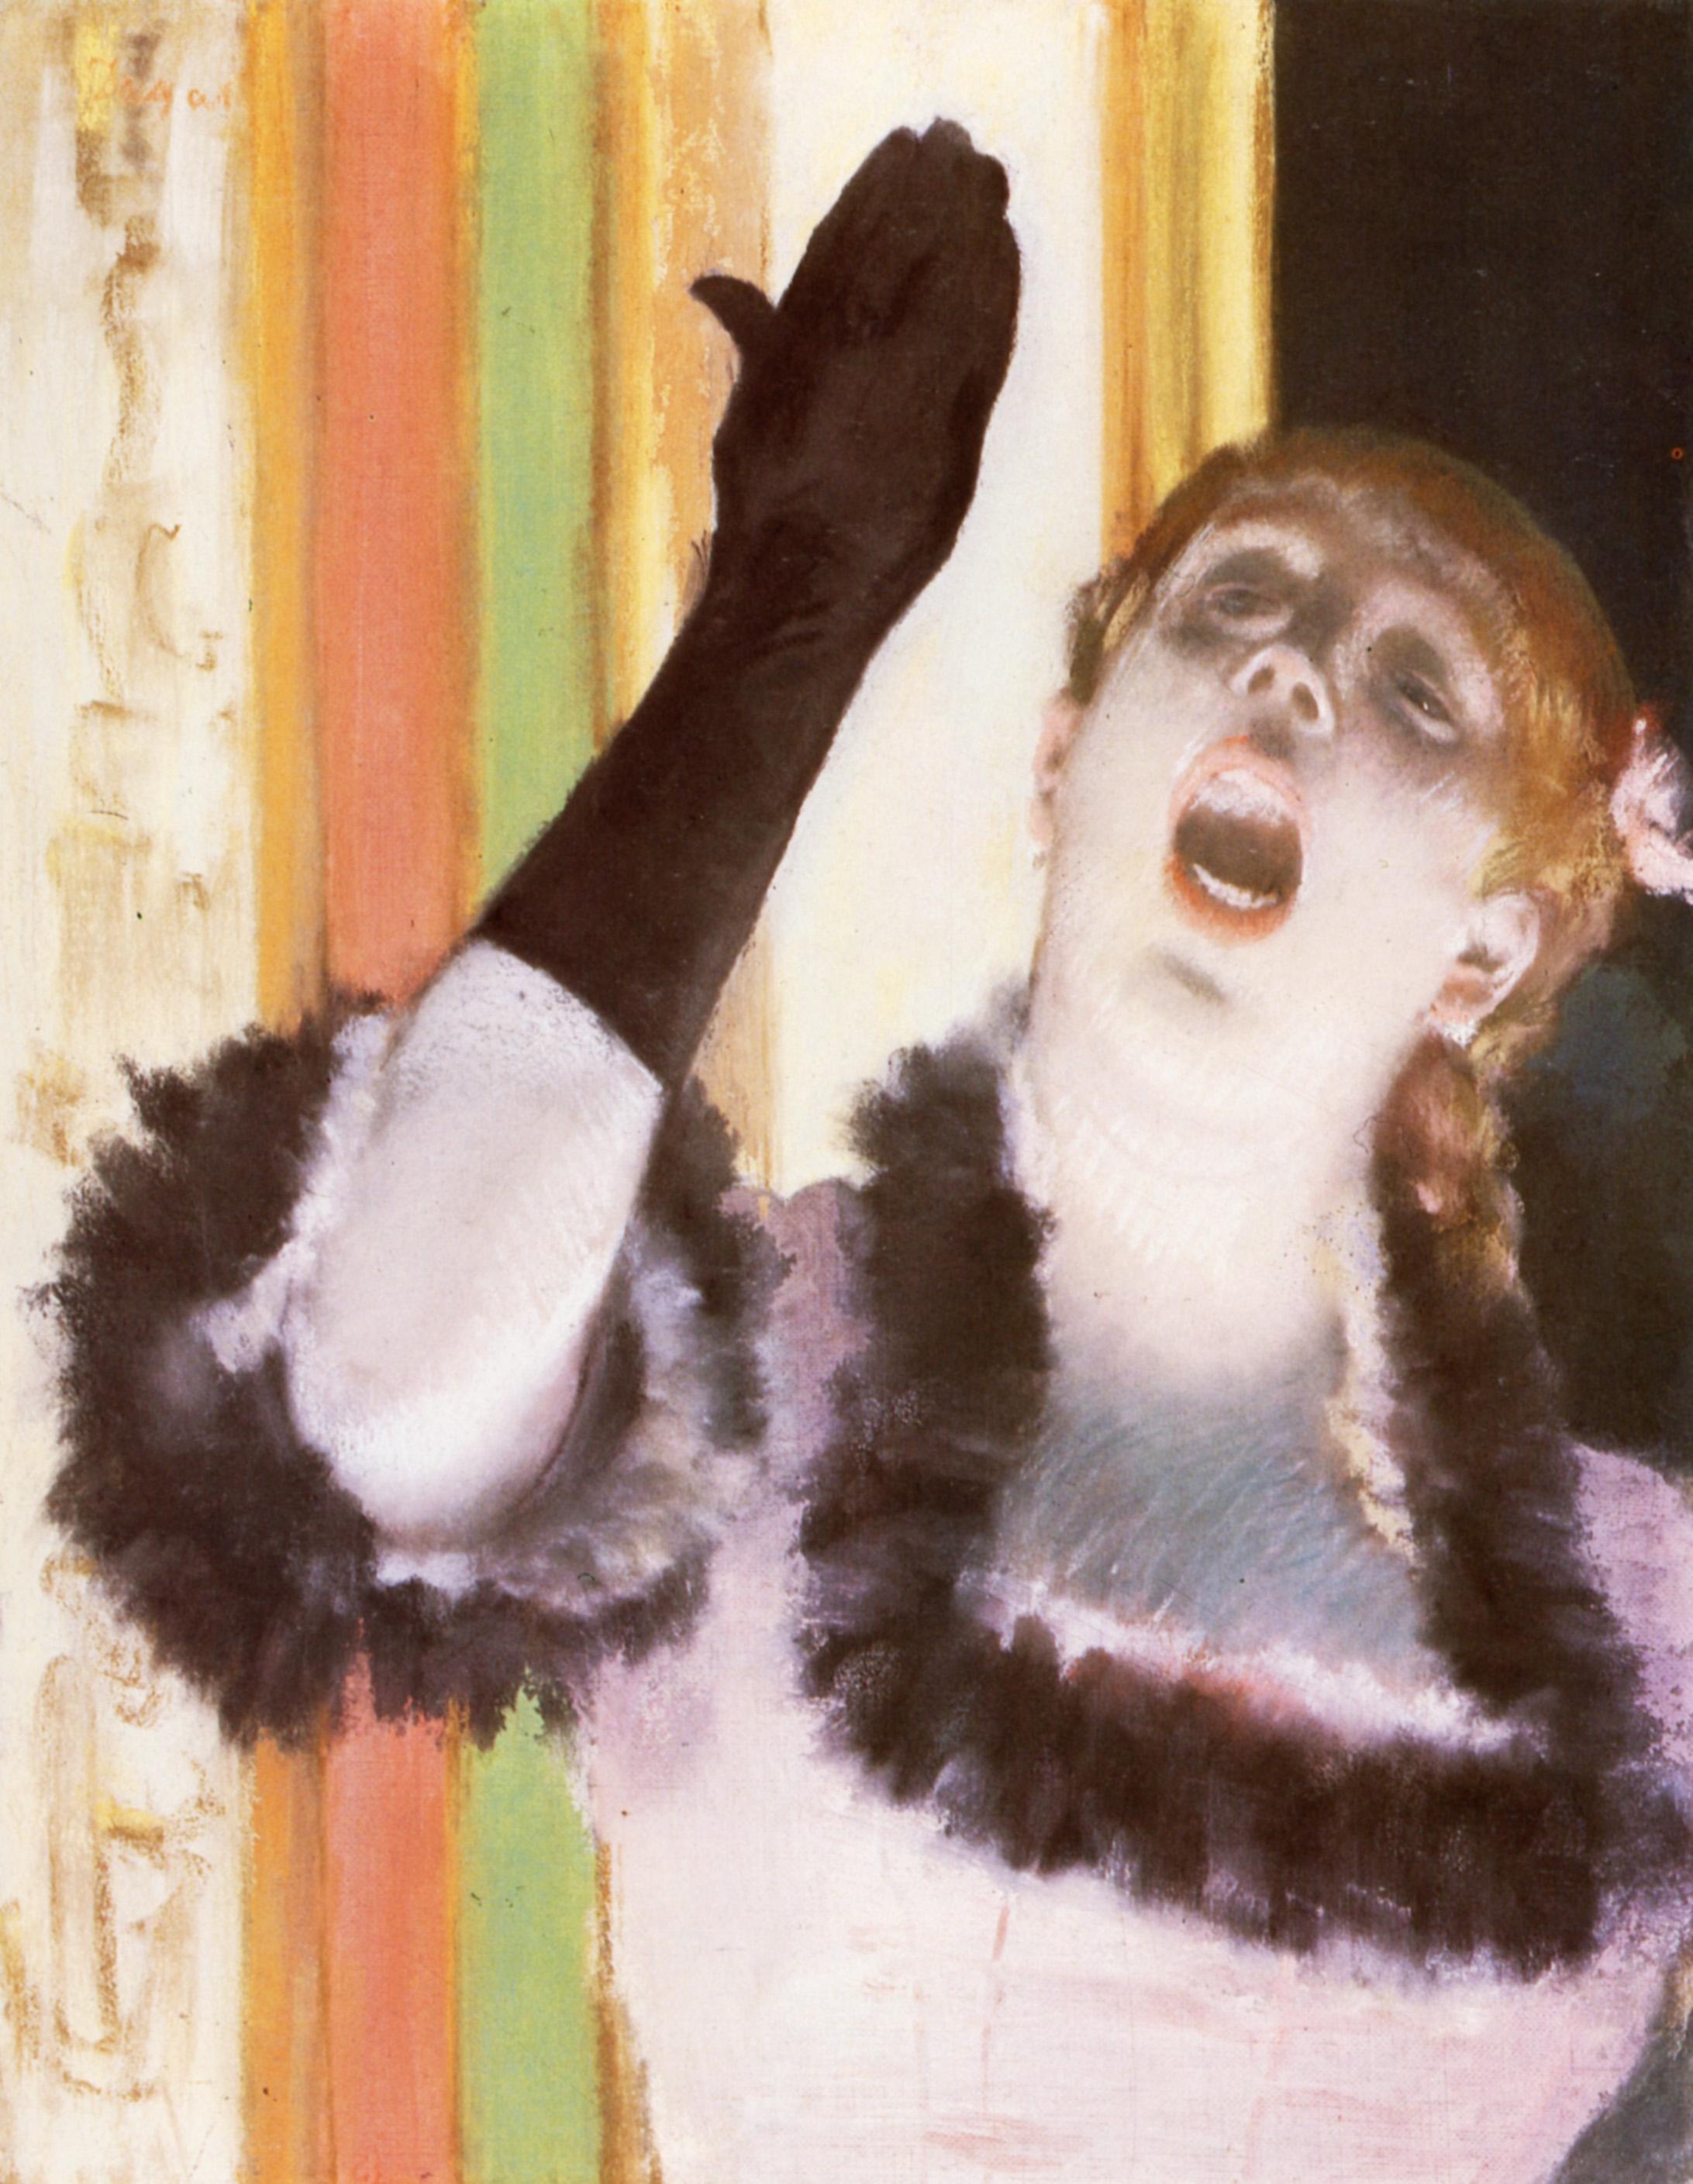 E. Degas - Singer with a glove